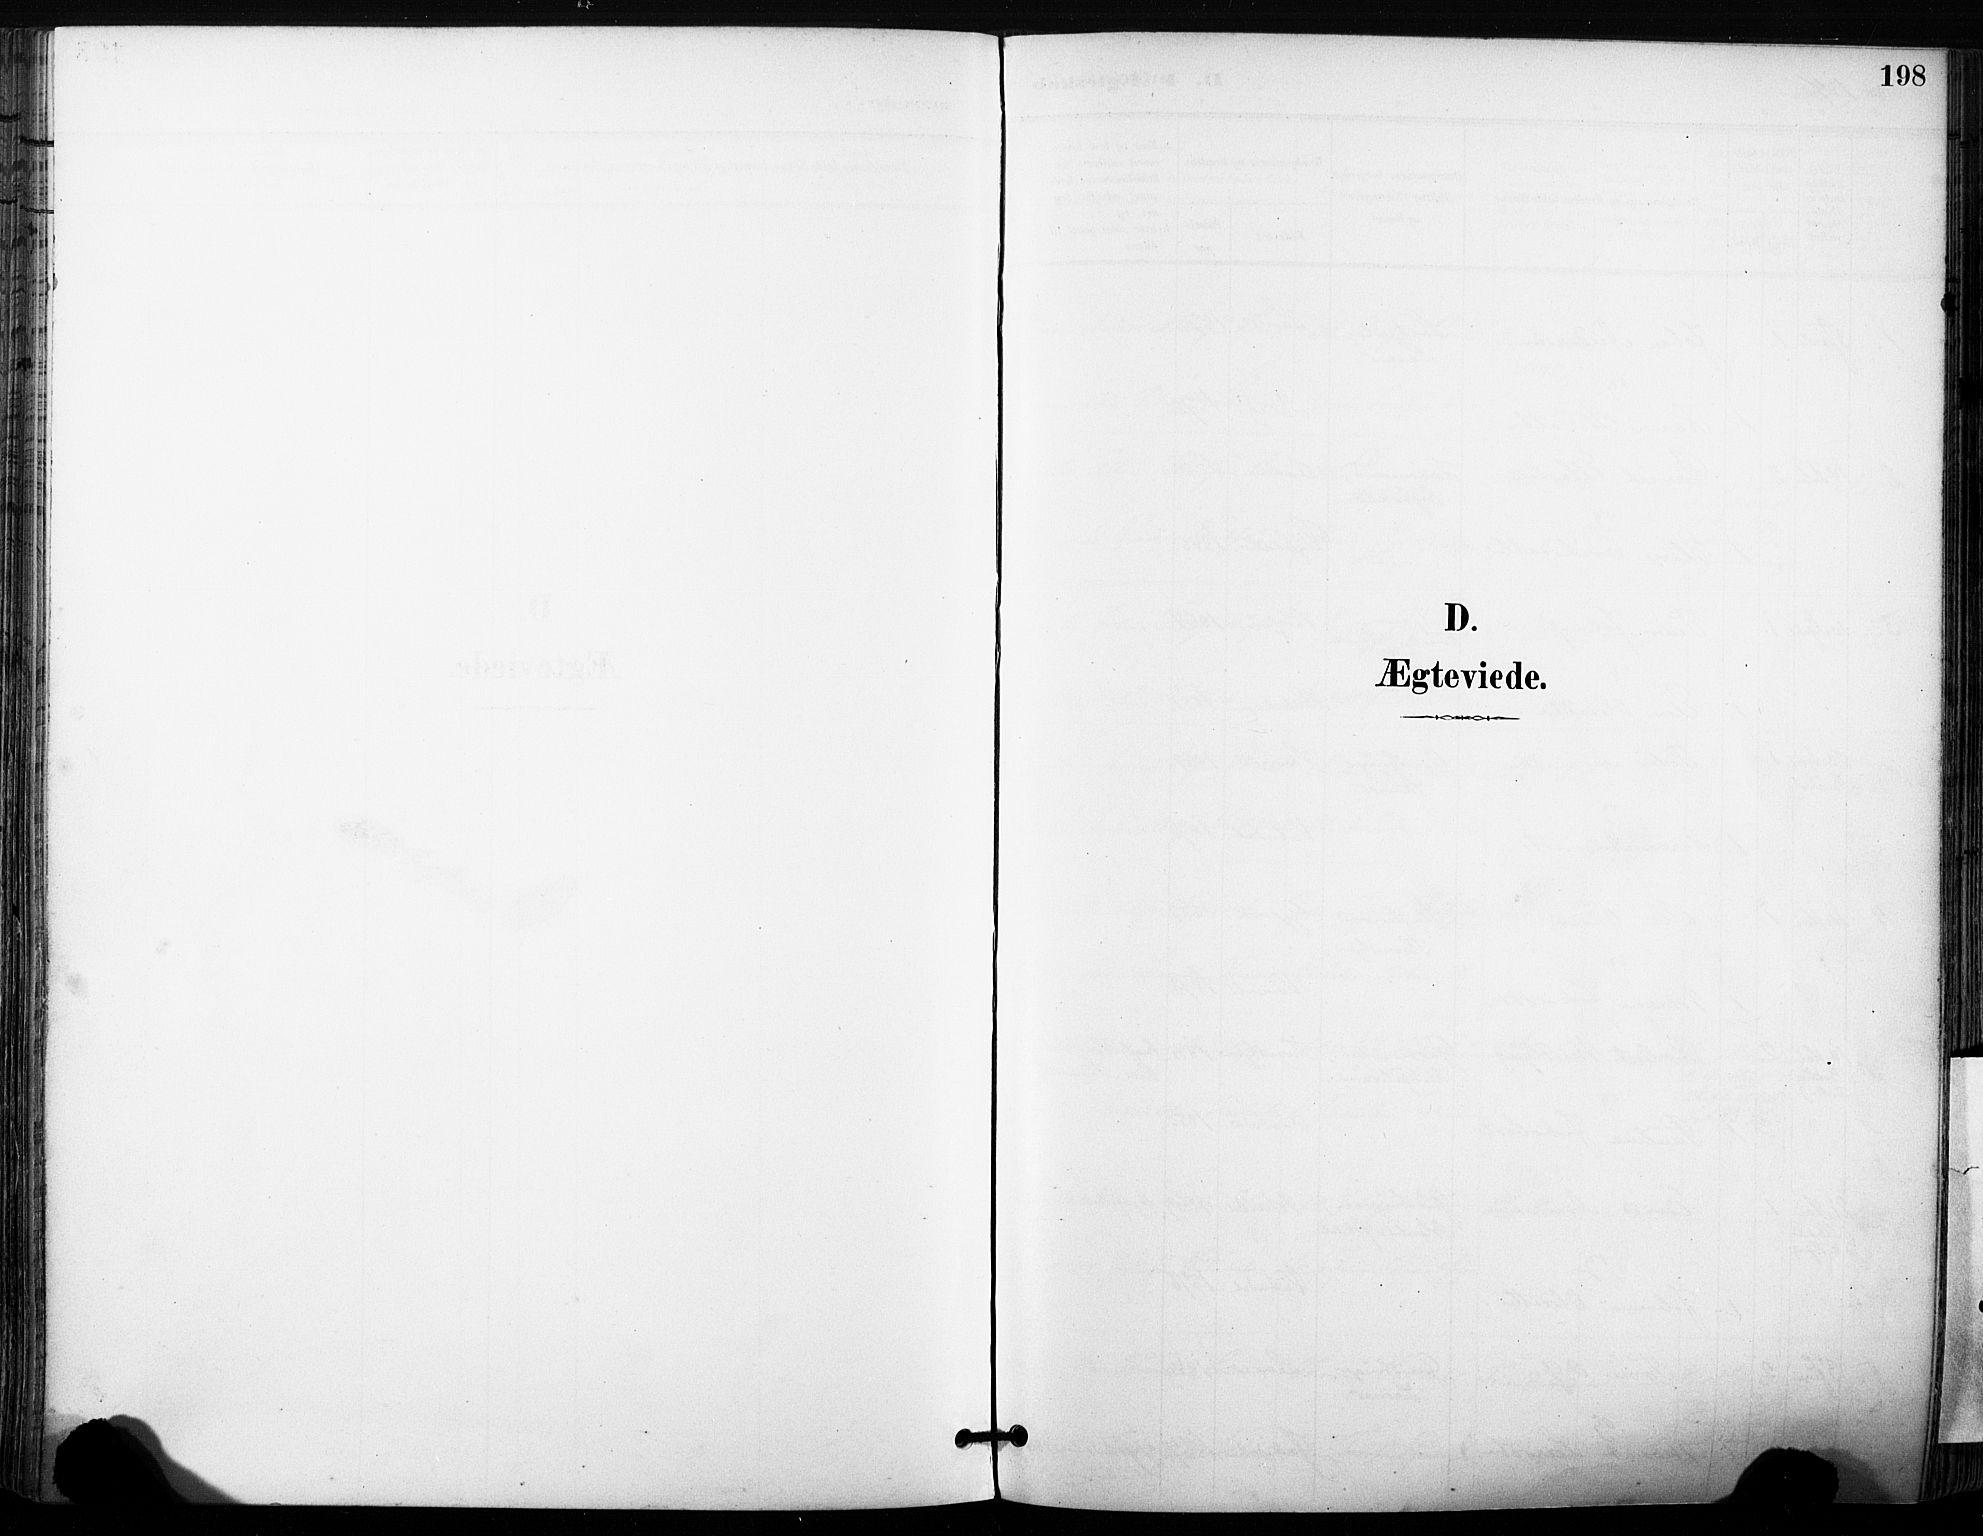 SAT, Ministerialprotokoller, klokkerbøker og fødselsregistre - Sør-Trøndelag, 630/L0497: Ministerialbok nr. 630A10, 1896-1910, s. 198